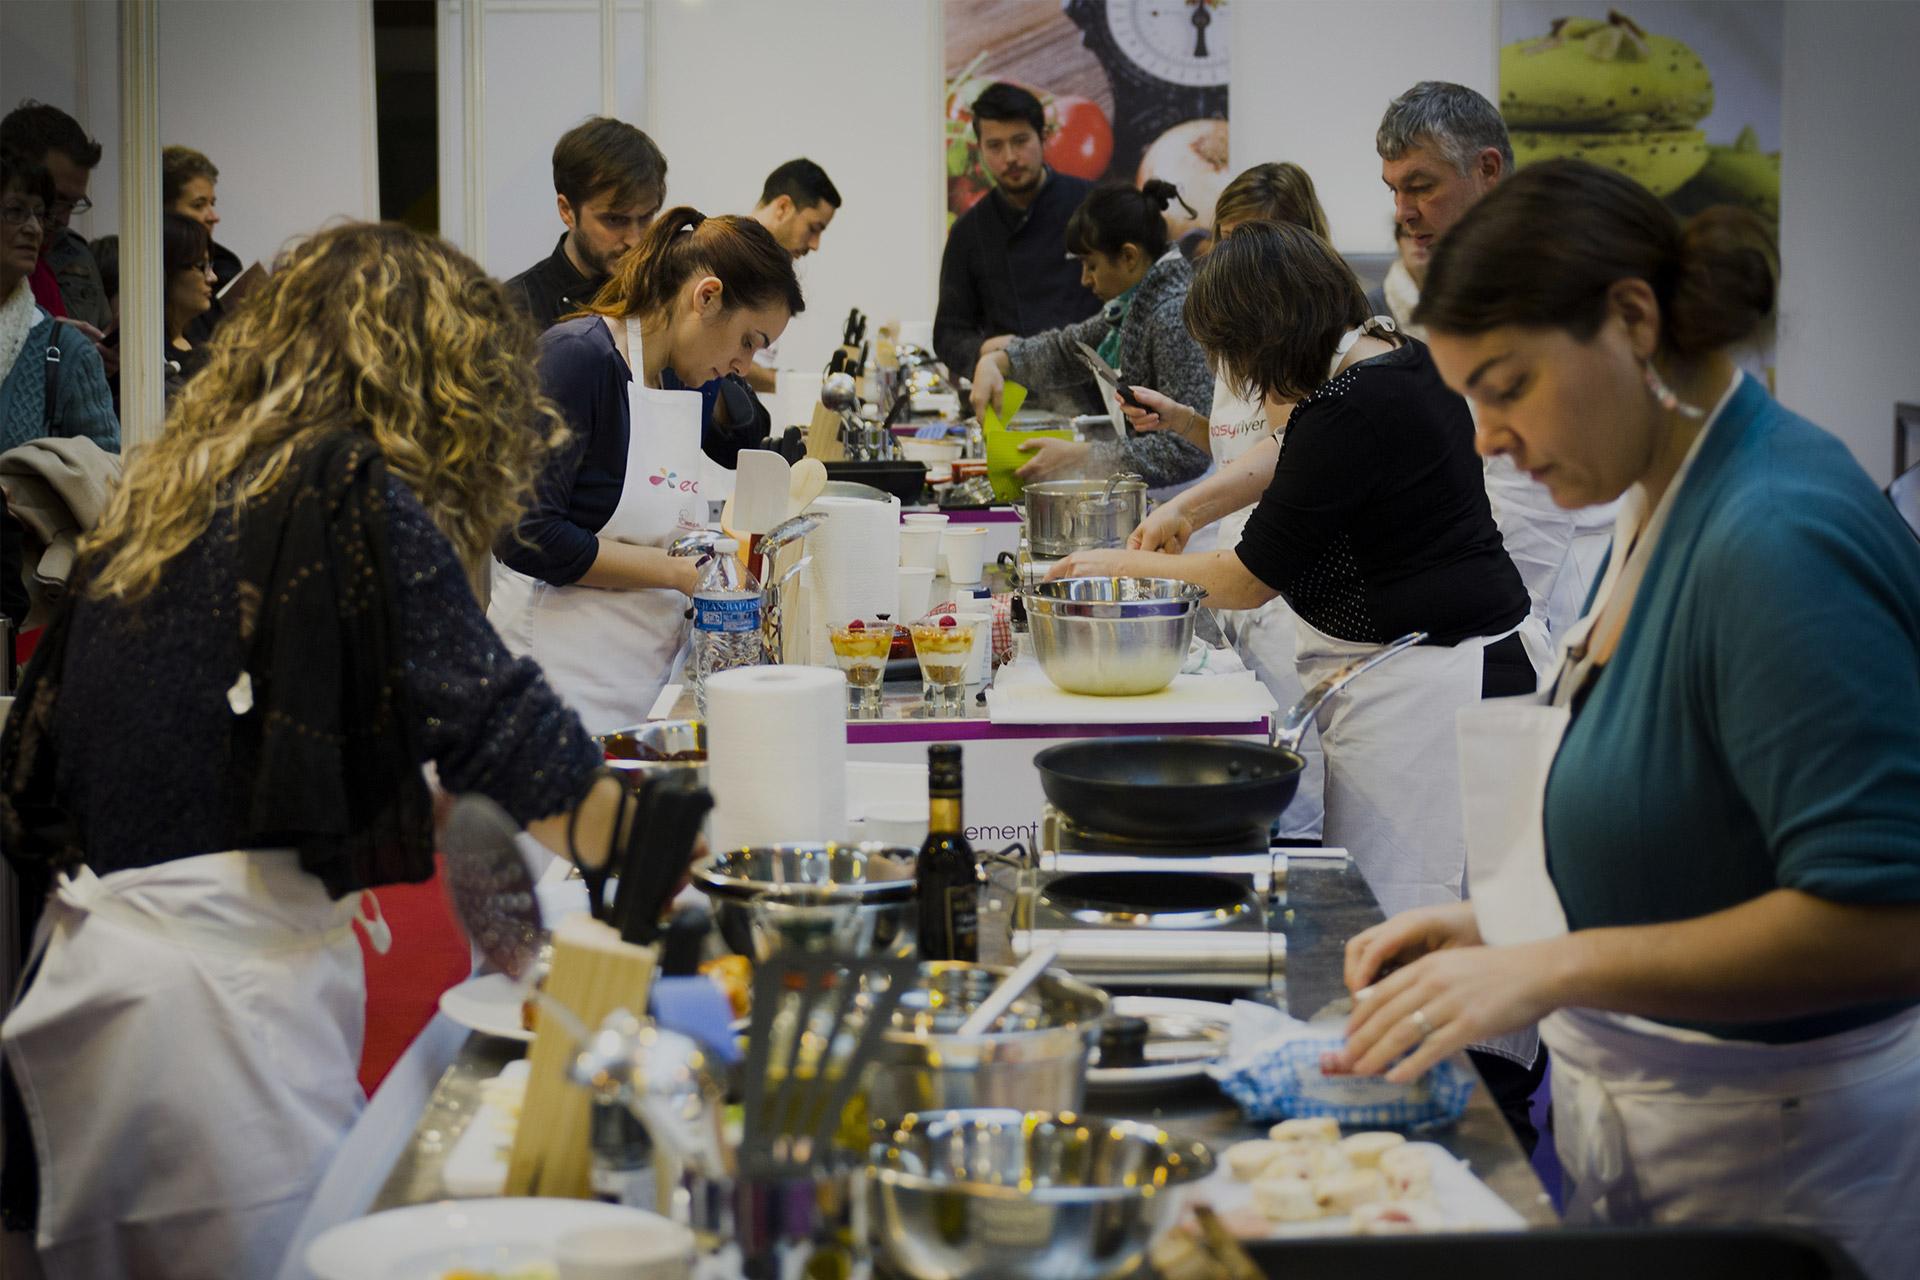 Notre Concours De Cuisine Avec Salon Gastronomie Et Vins 2012 A